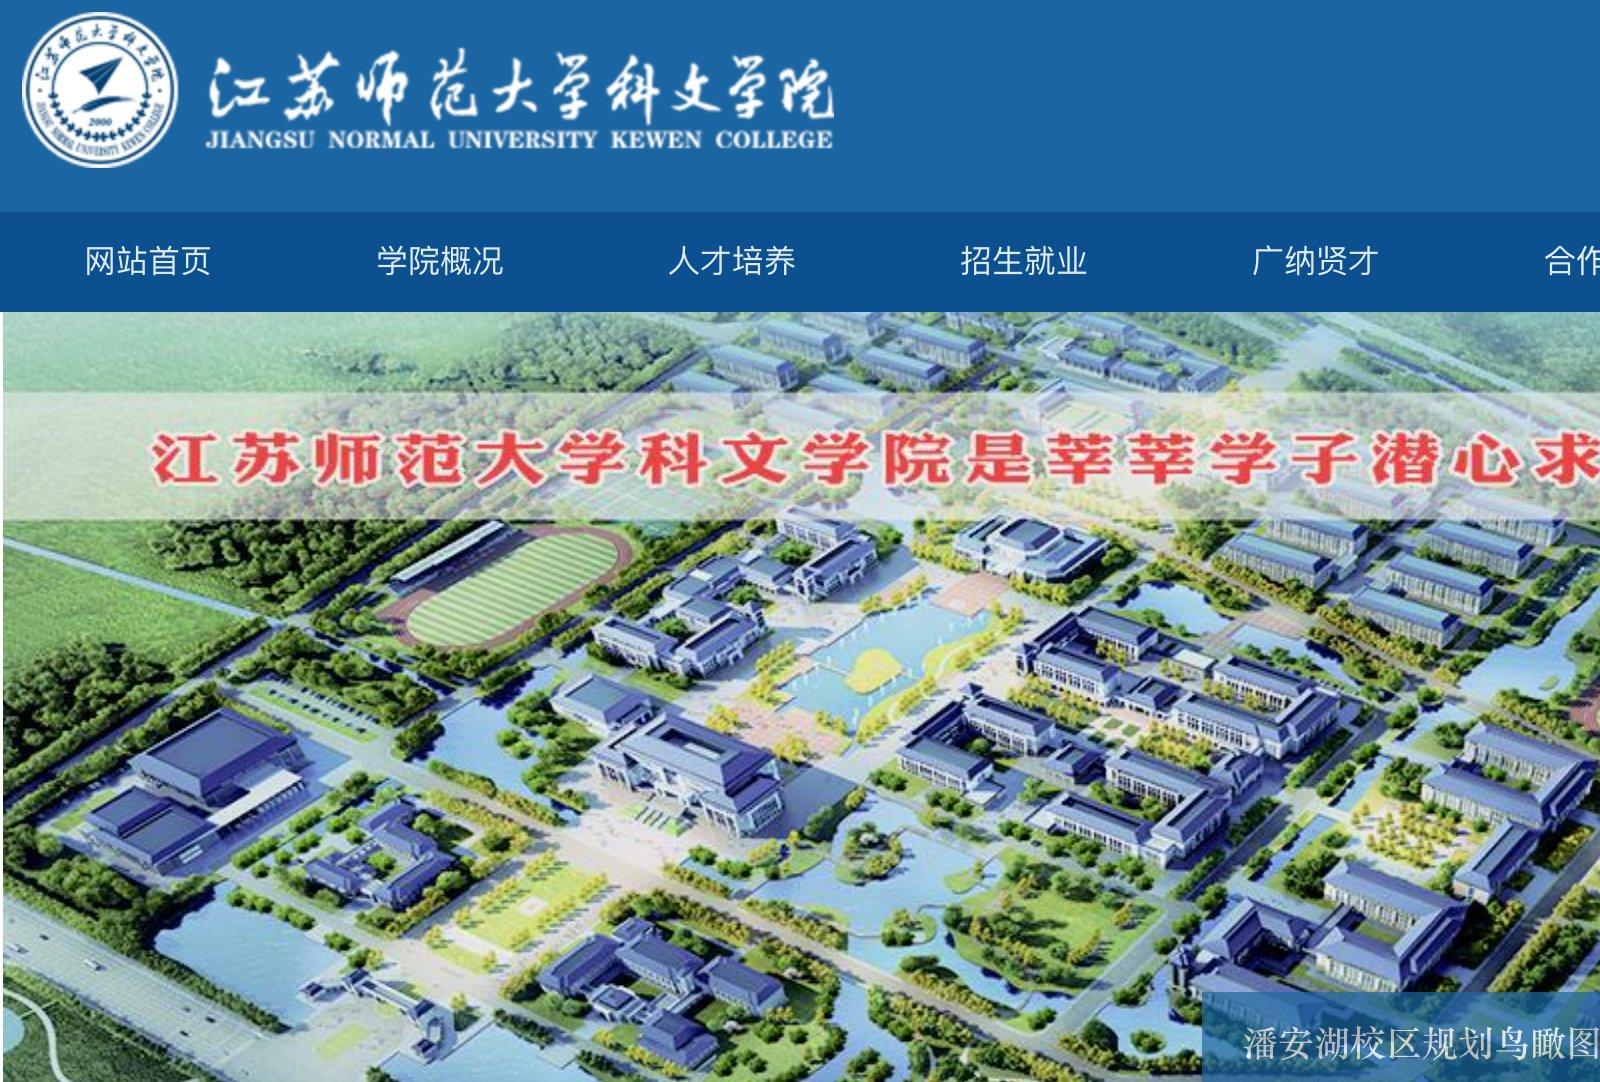 江蘇師範大學爆發肺結核校園聚集性疫情,卻壓制消息,引爆眾多學生的不滿。(網絡截圖)